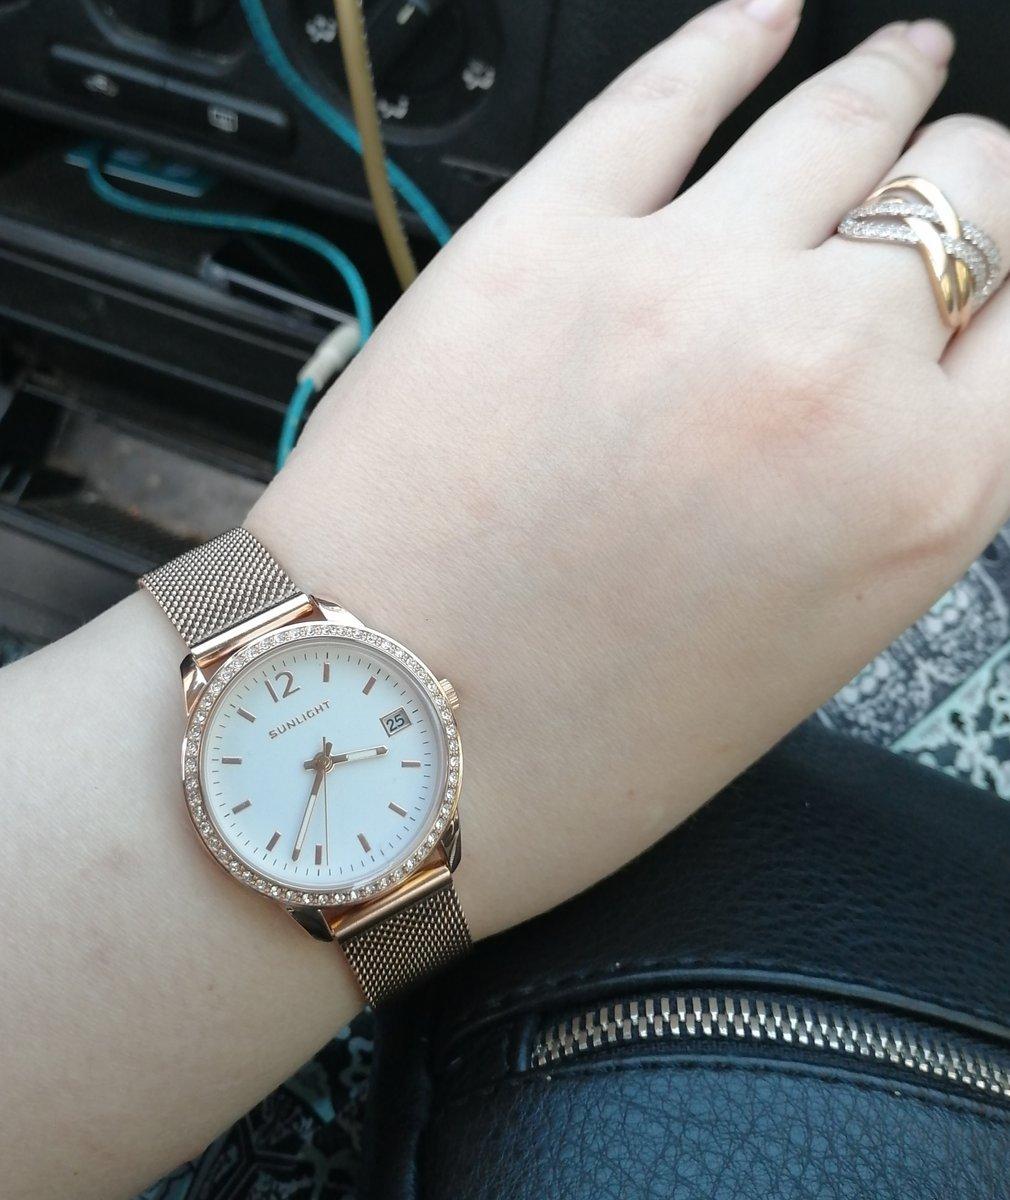 Впервые купила часы в SUNLIGHT, и не пожалела.